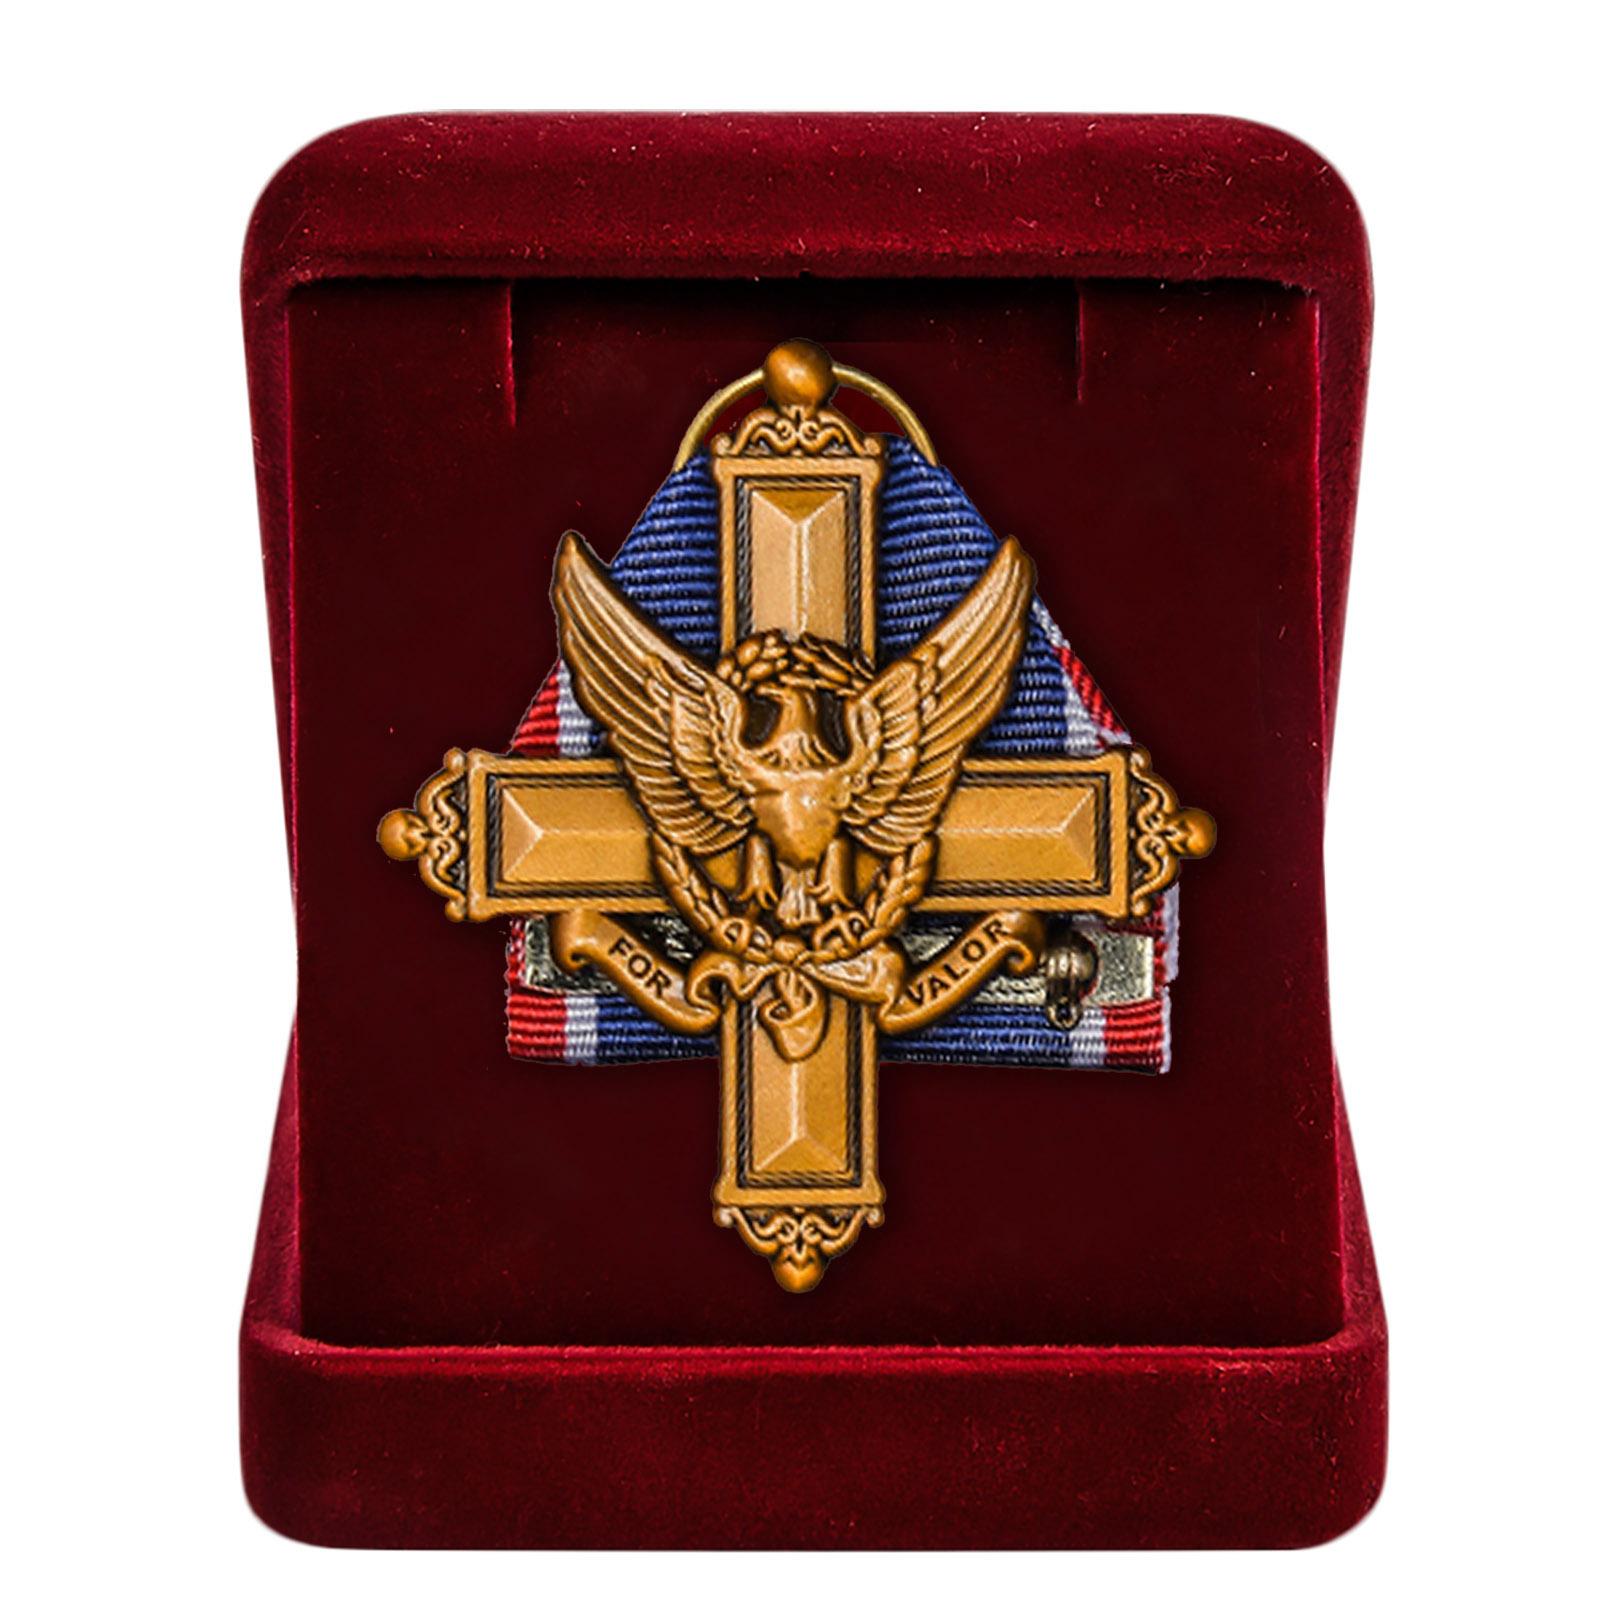 Купить Крест За выдающиеся заслуги с доставкой